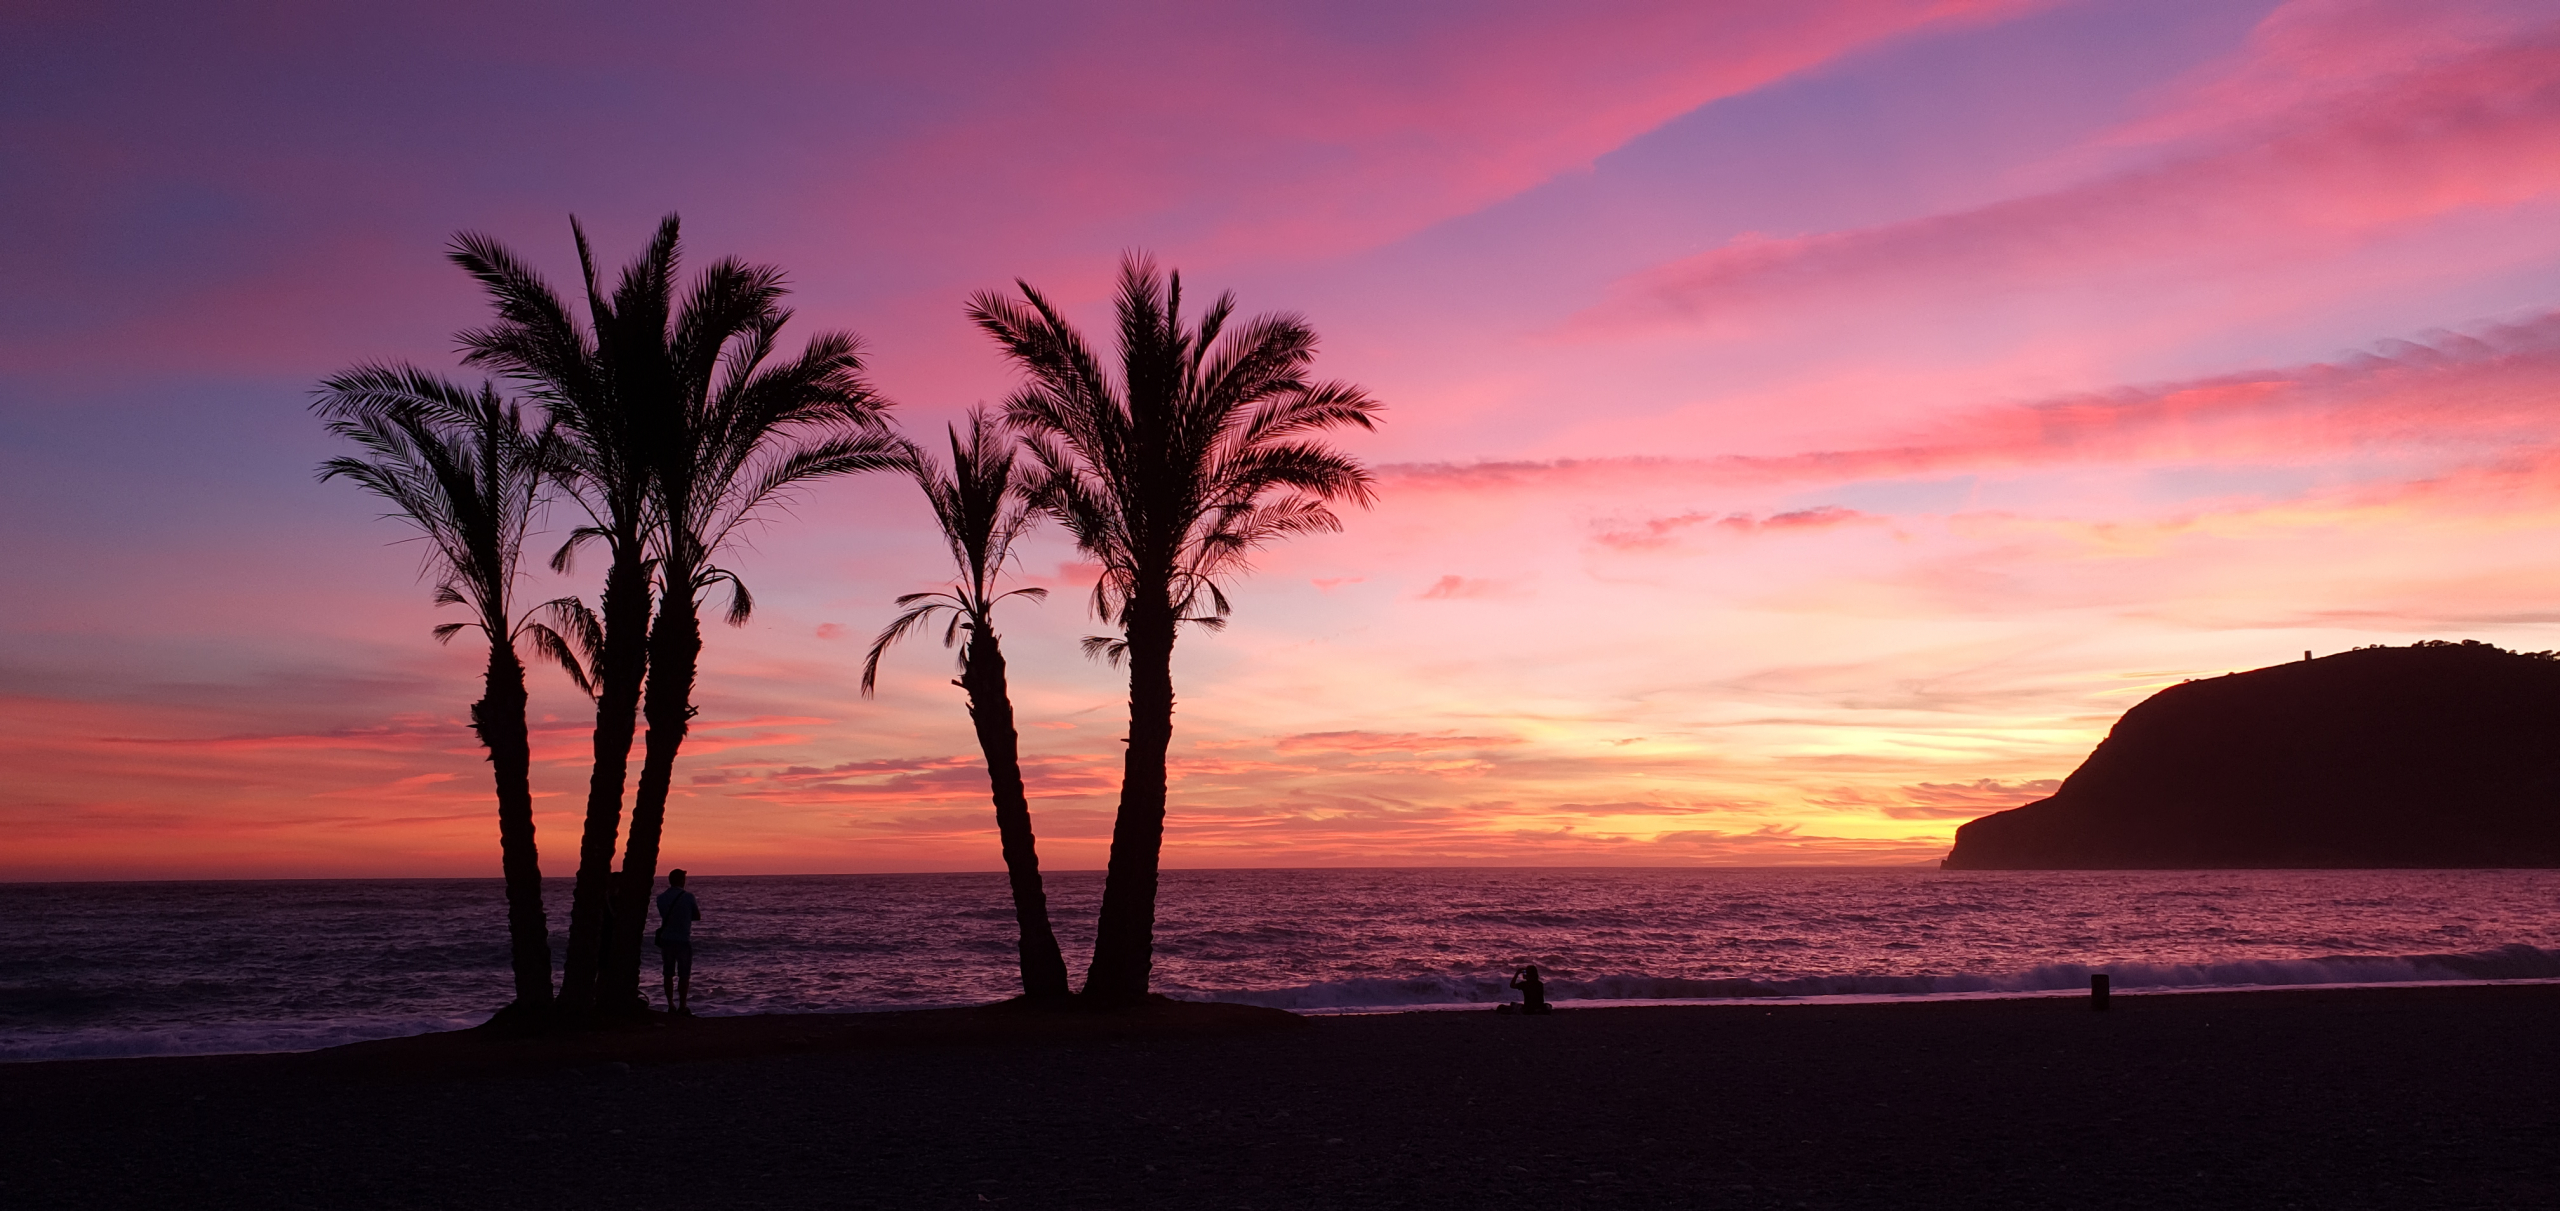 pôr do sol com silhuetas de palmeiras